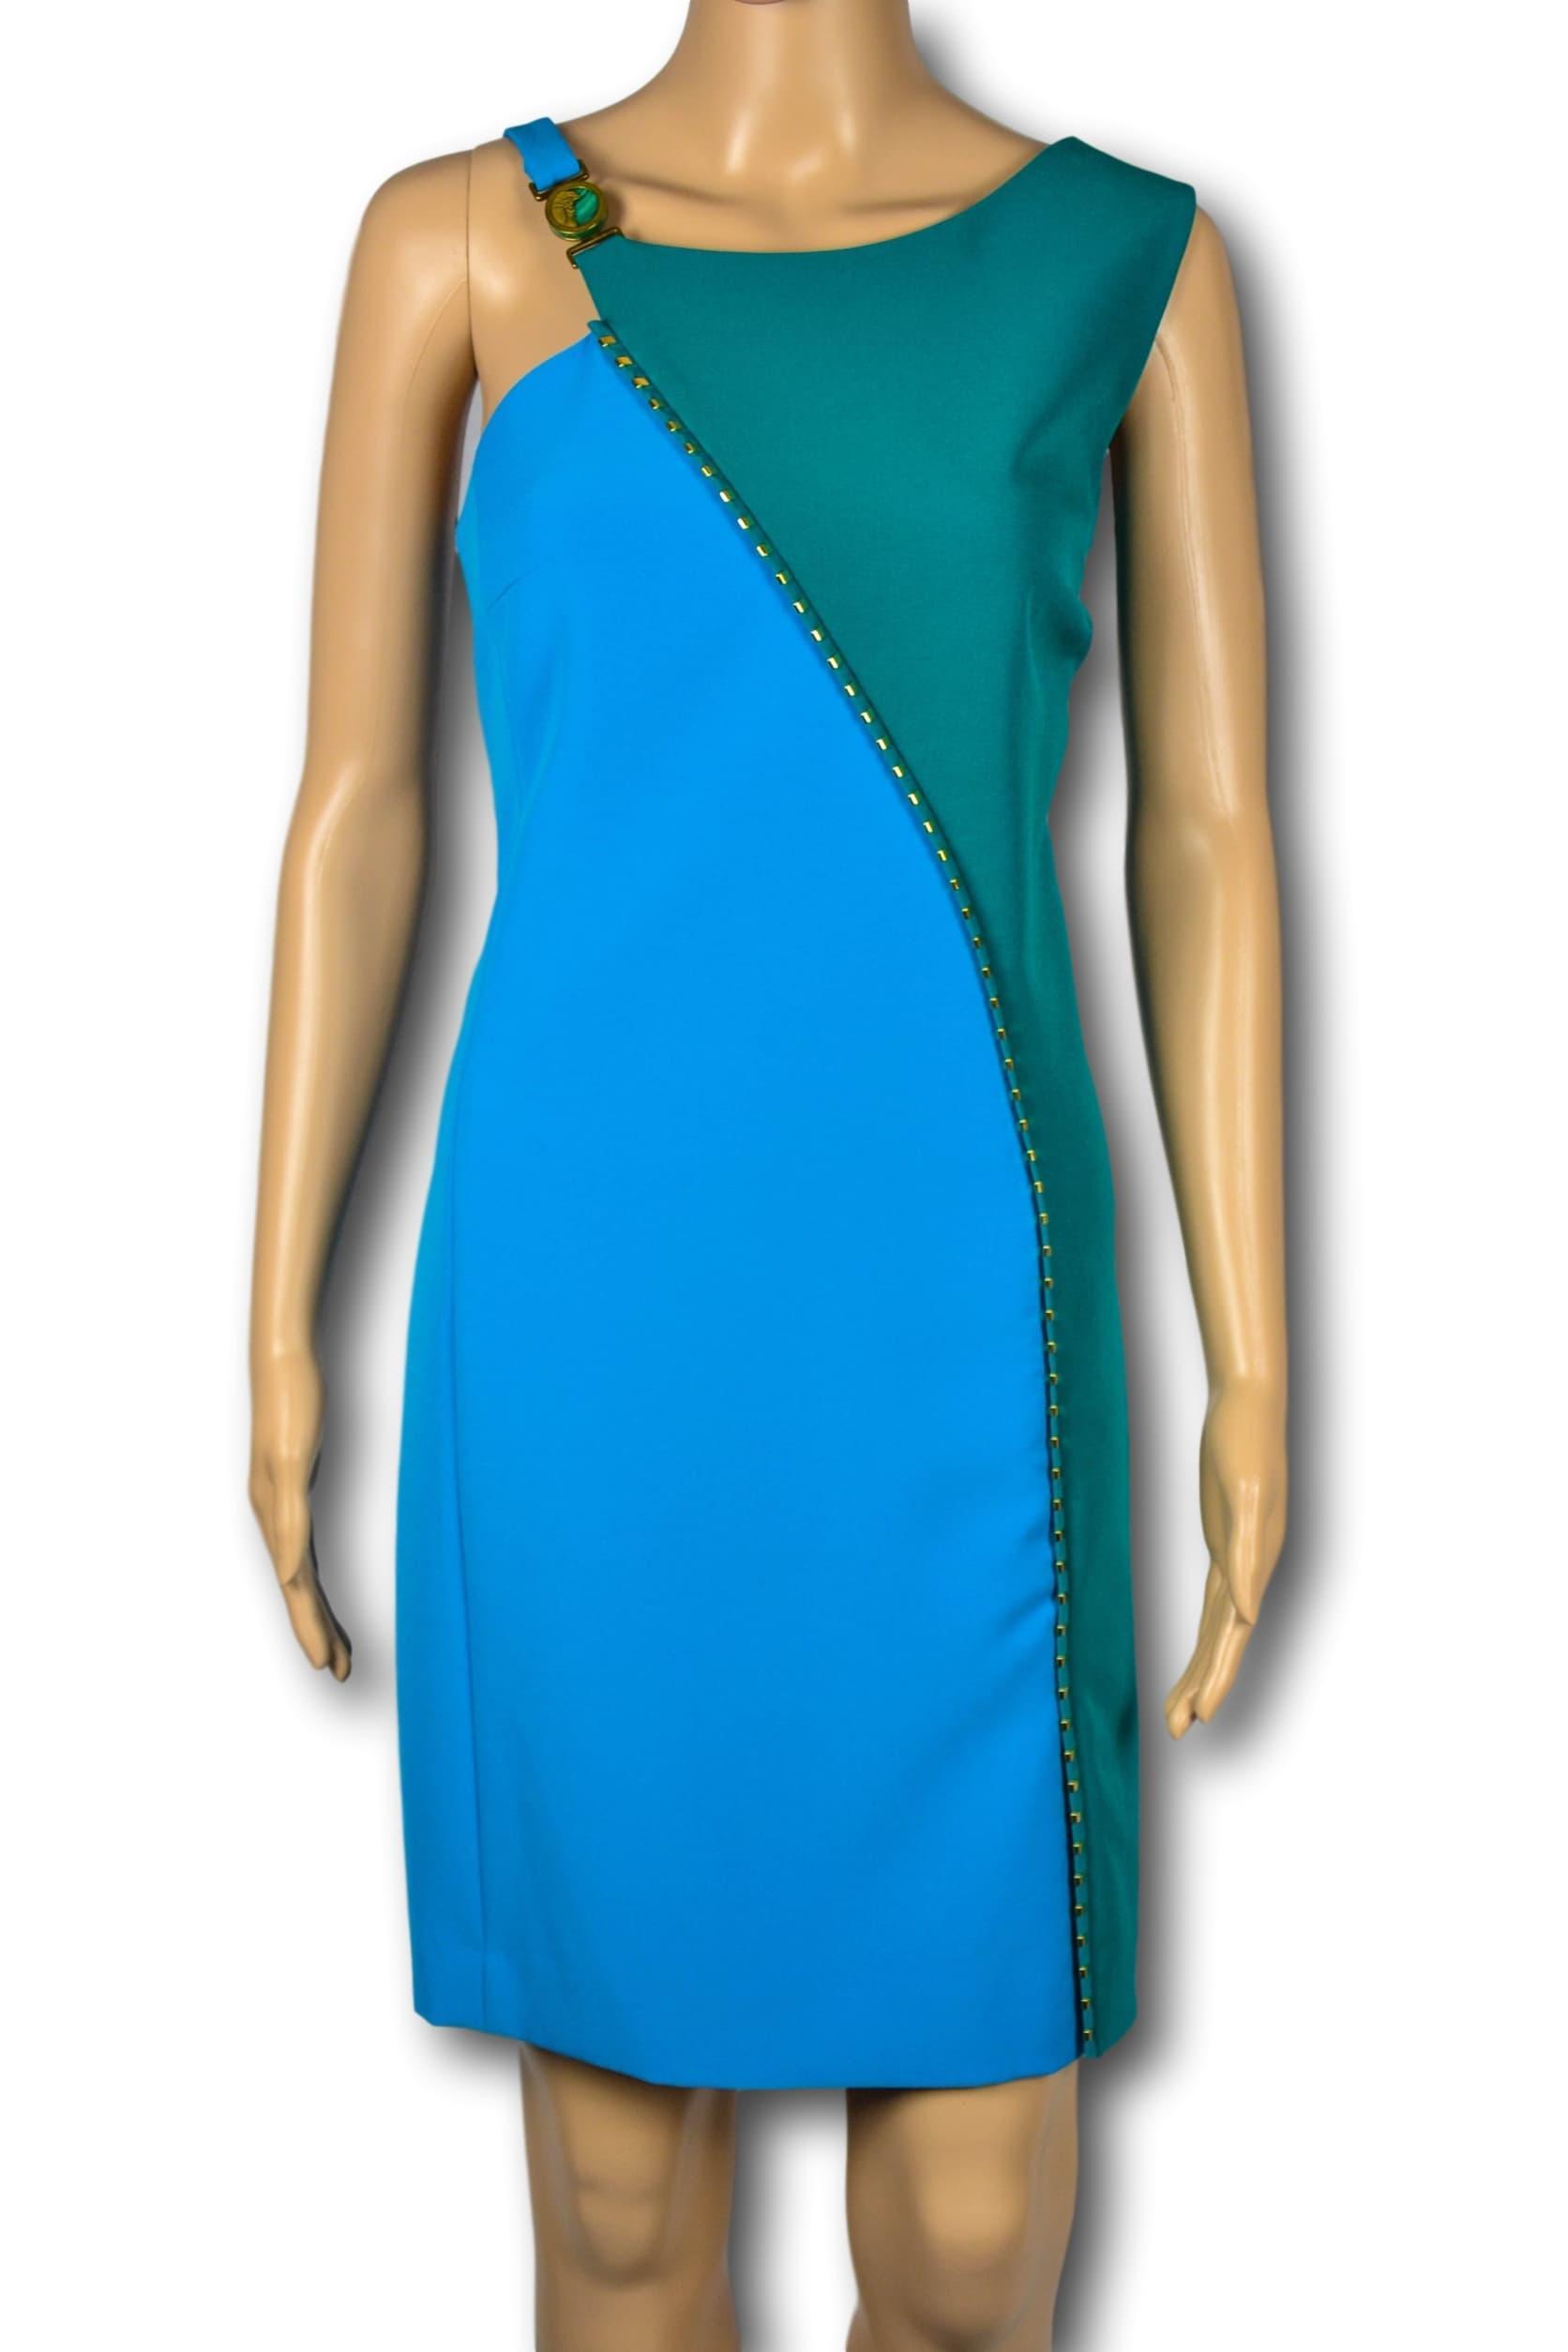 hot sales a8200 59f1a Dettagli su VERSACE COLLECTION Abito Vestito Donna Woman Dress Blu Verde  Smeraldo TG. 46